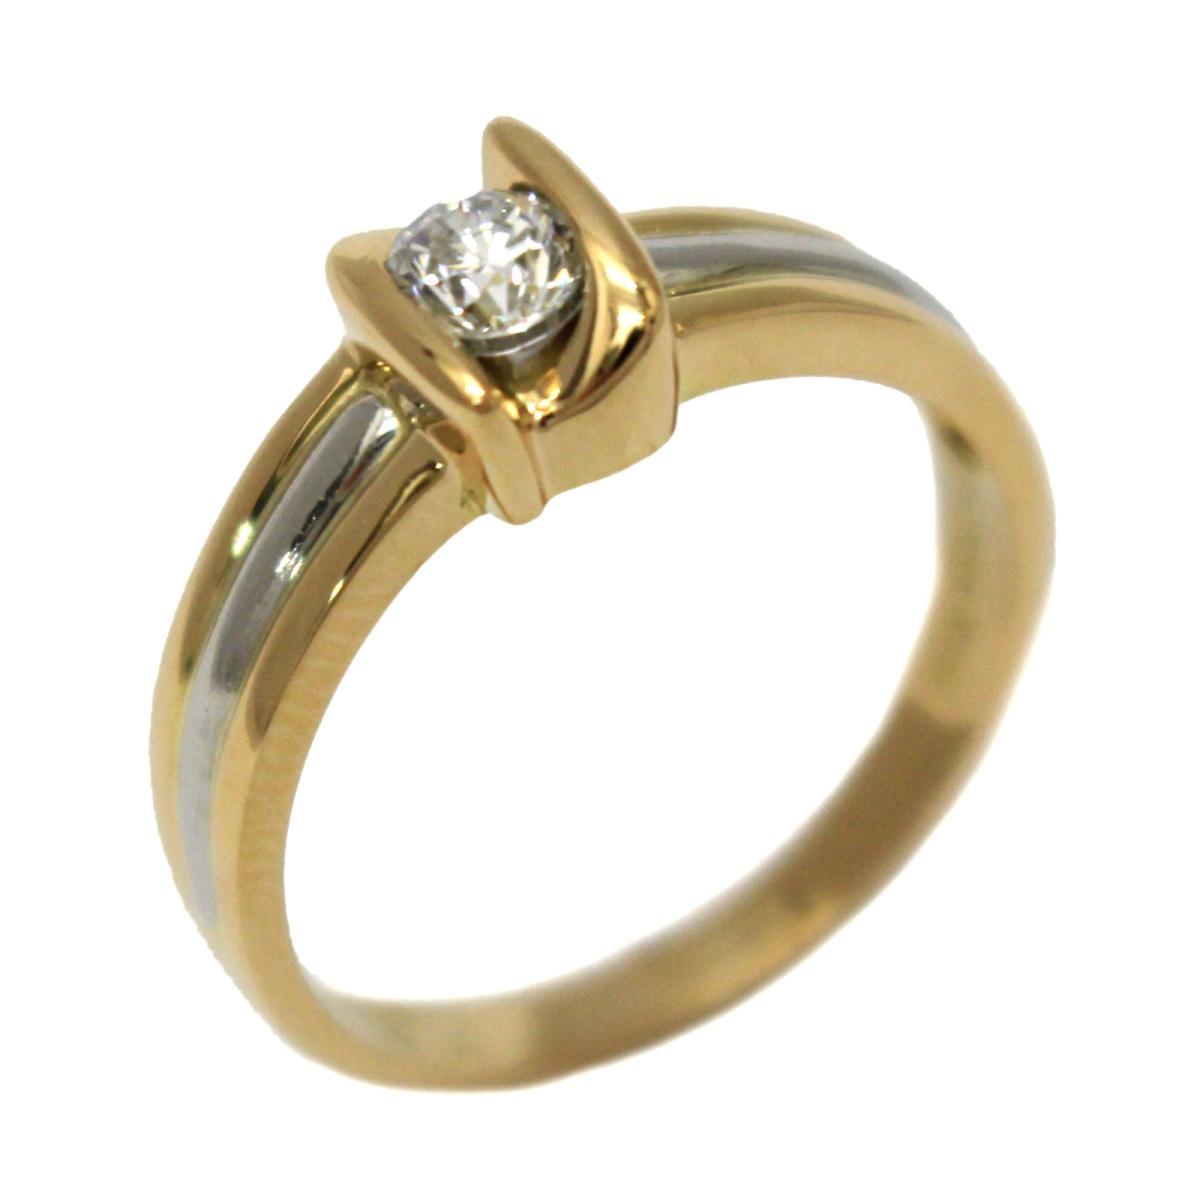 ジュエリー ダイヤモンド リング 指輪 ノーブランドジュエリー レディース K18YG (750) イエローゴールドPT900 プラチナダイヤモンド (0.23ct) 【中古】 | JEWELRY BRANDOFF ブランドオフ アクセサリー